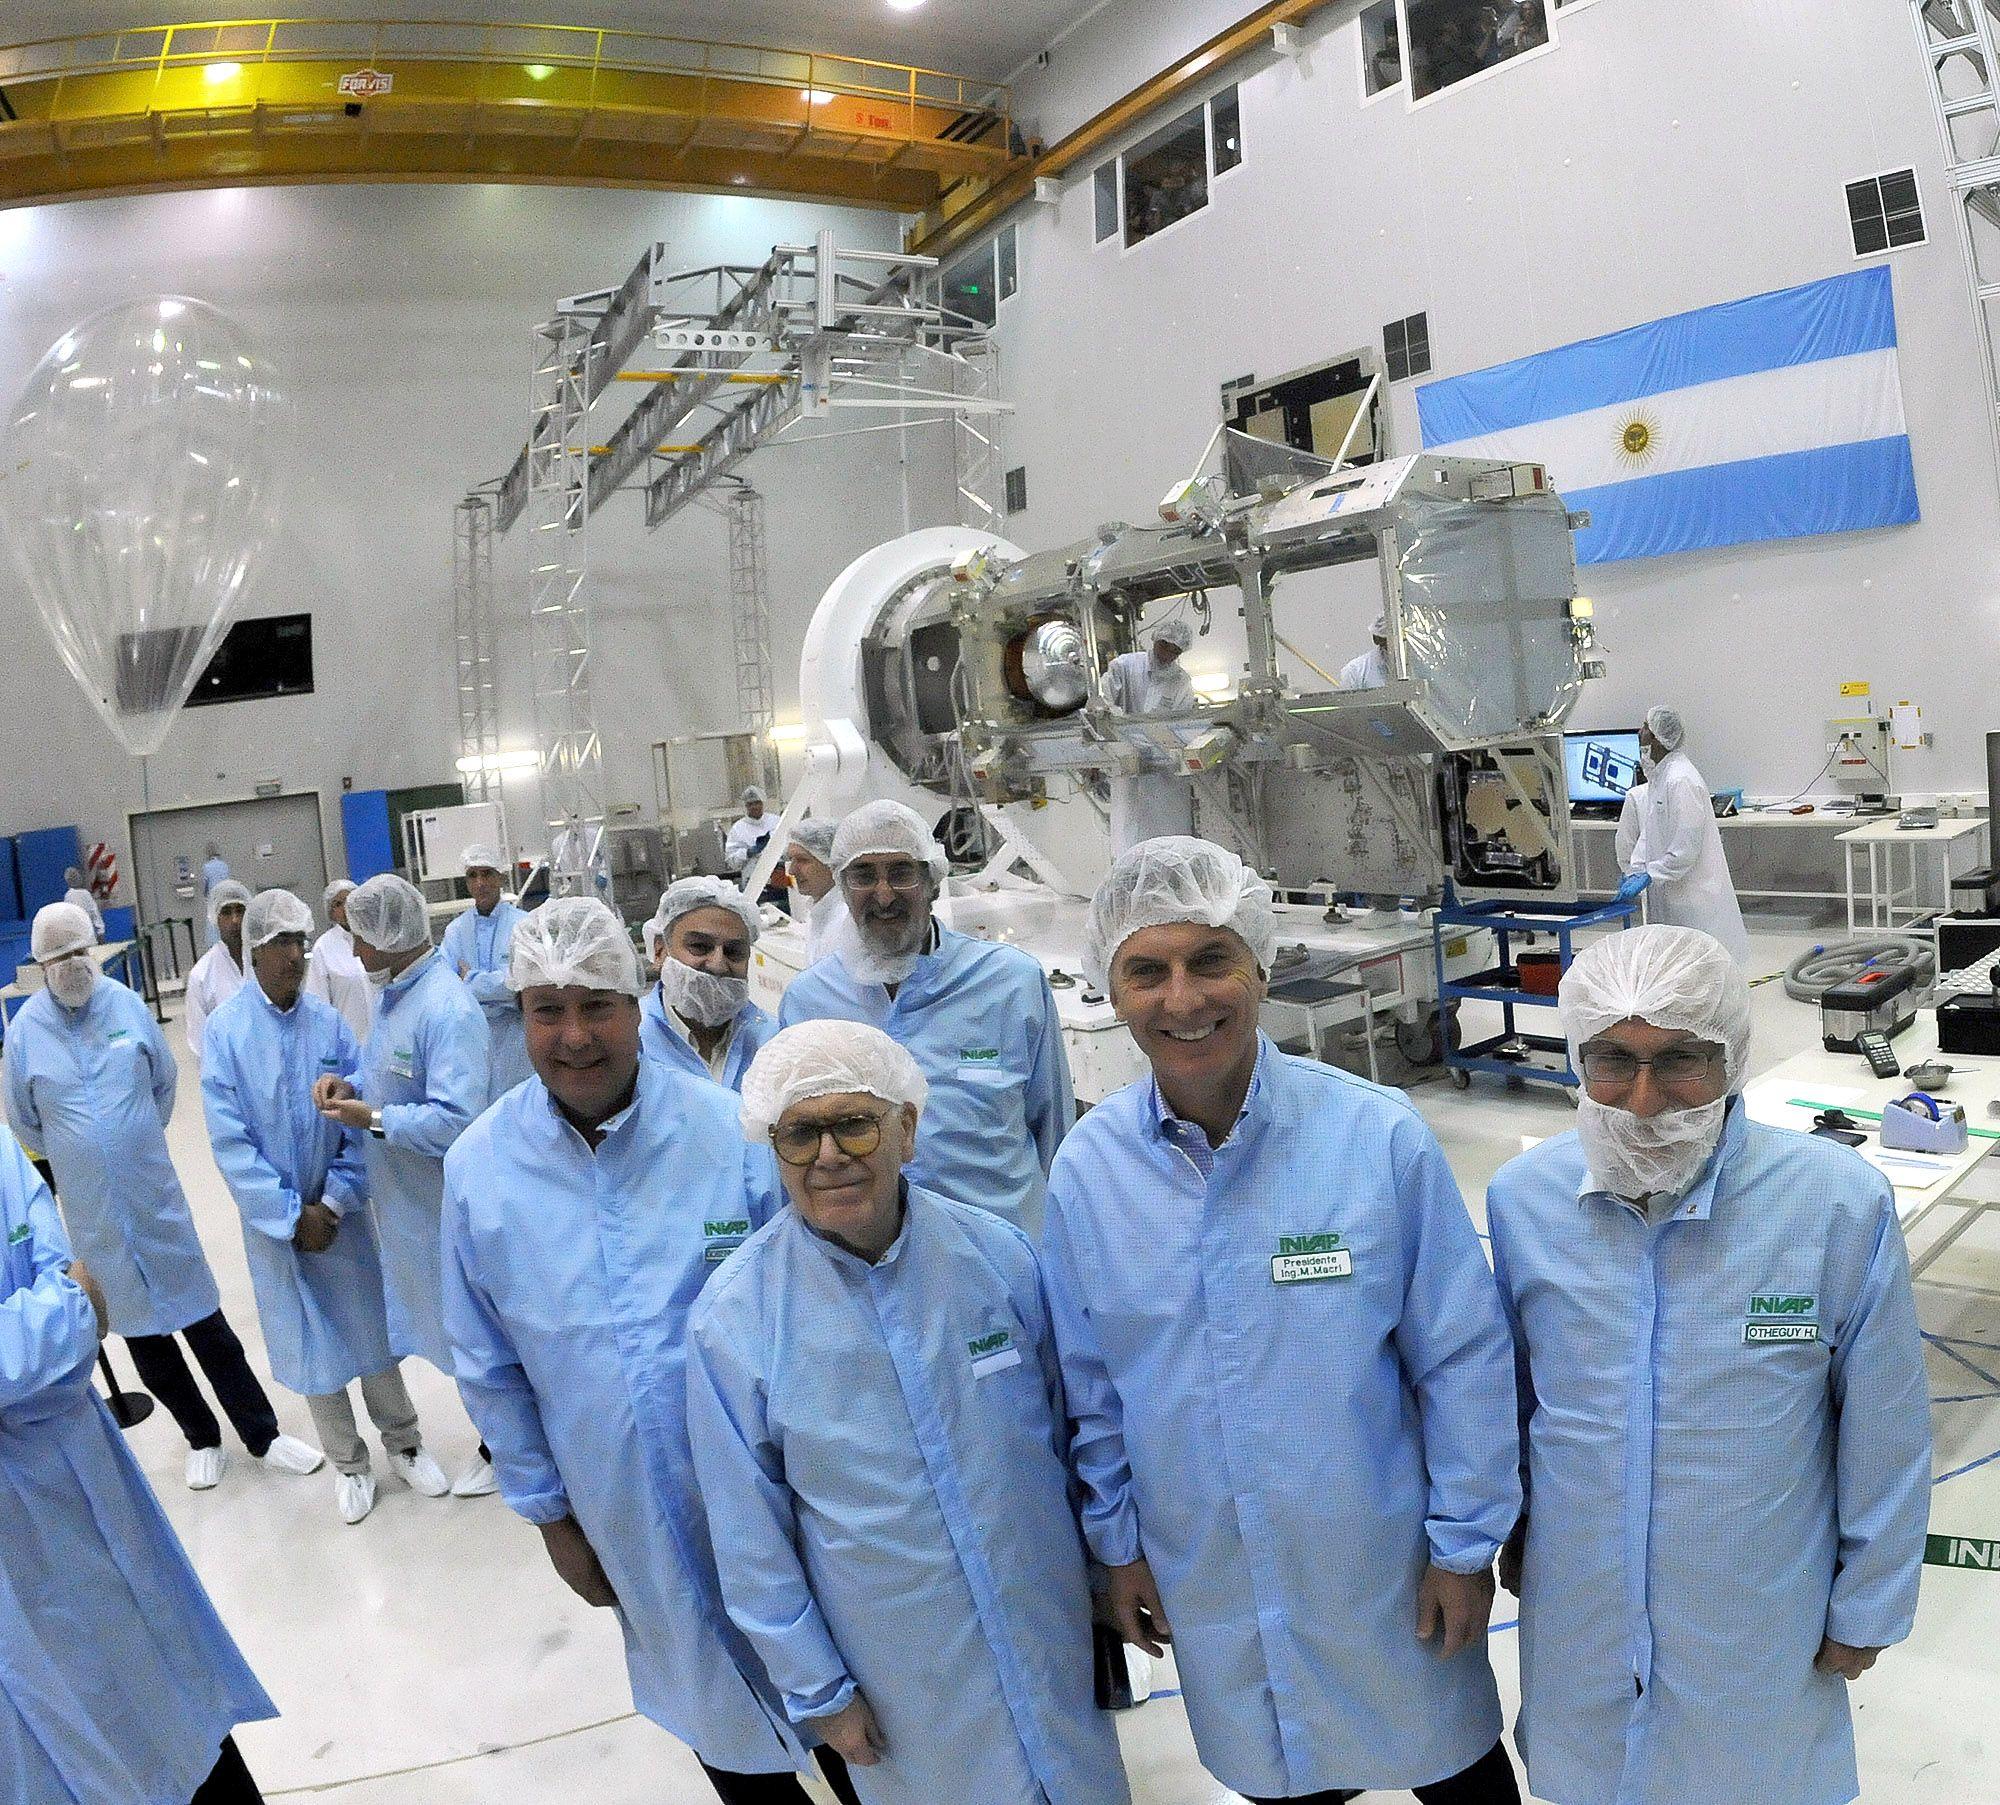 El presidente Mauricio Macri visitó la sede de la empresa de tecnología aplicada INVAP en la ciudad de San Carlos de Bariloche